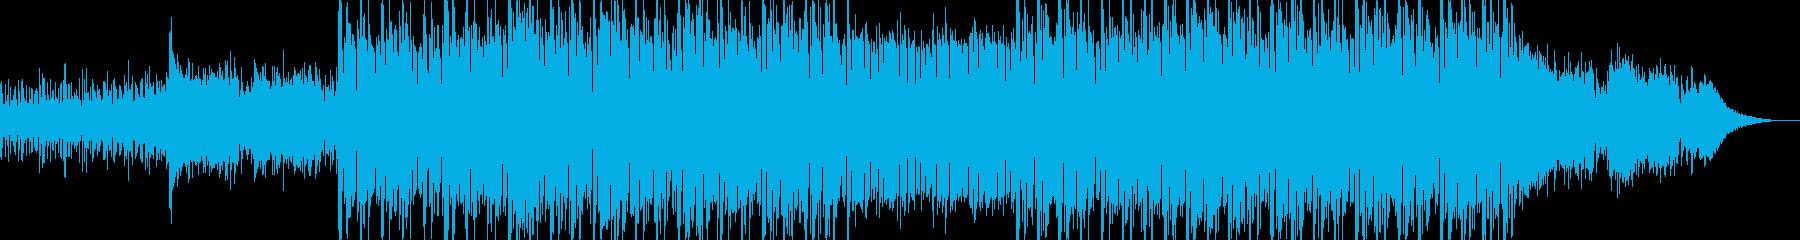 現代的で都会的なシンセミュージック-16の再生済みの波形